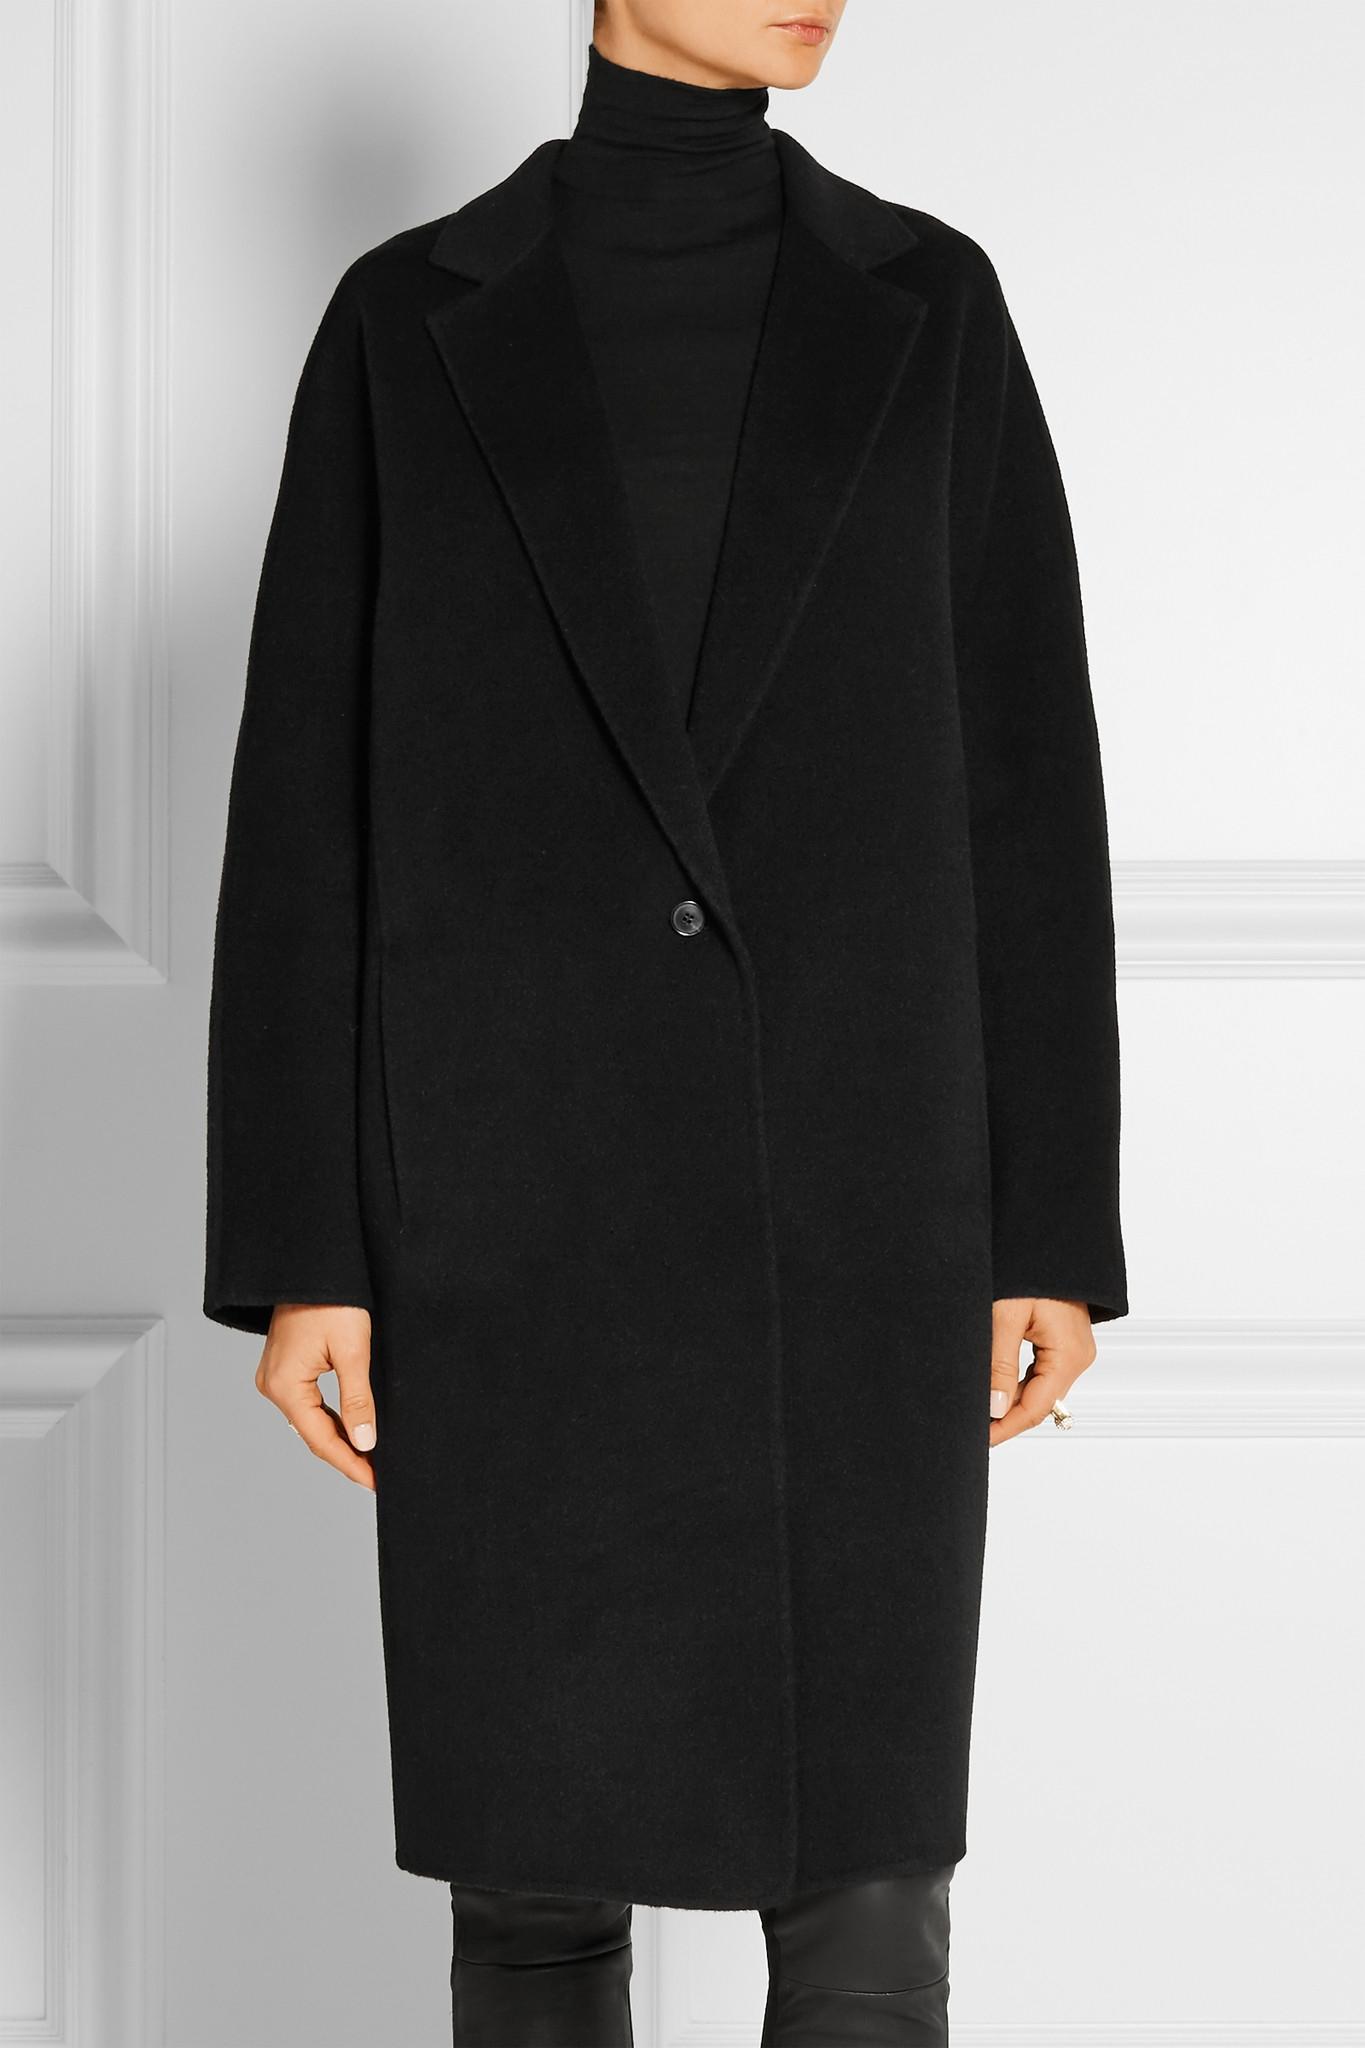 donna karan cashmere coat in black lyst. Black Bedroom Furniture Sets. Home Design Ideas